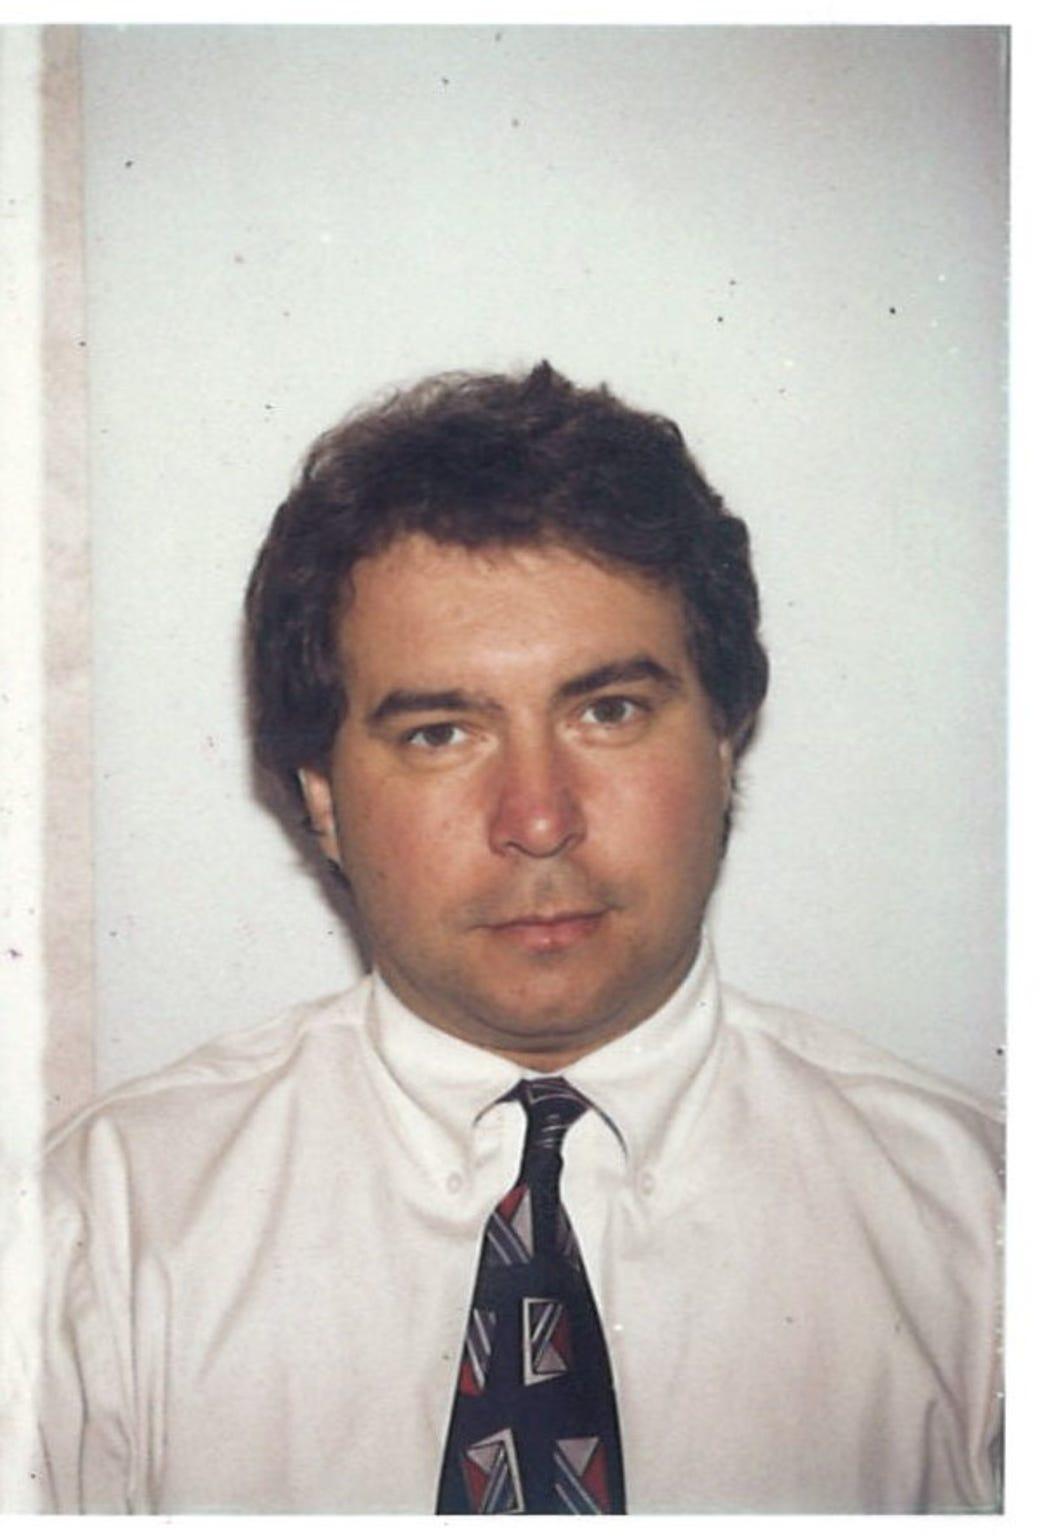 Bill Murdock in 1997.